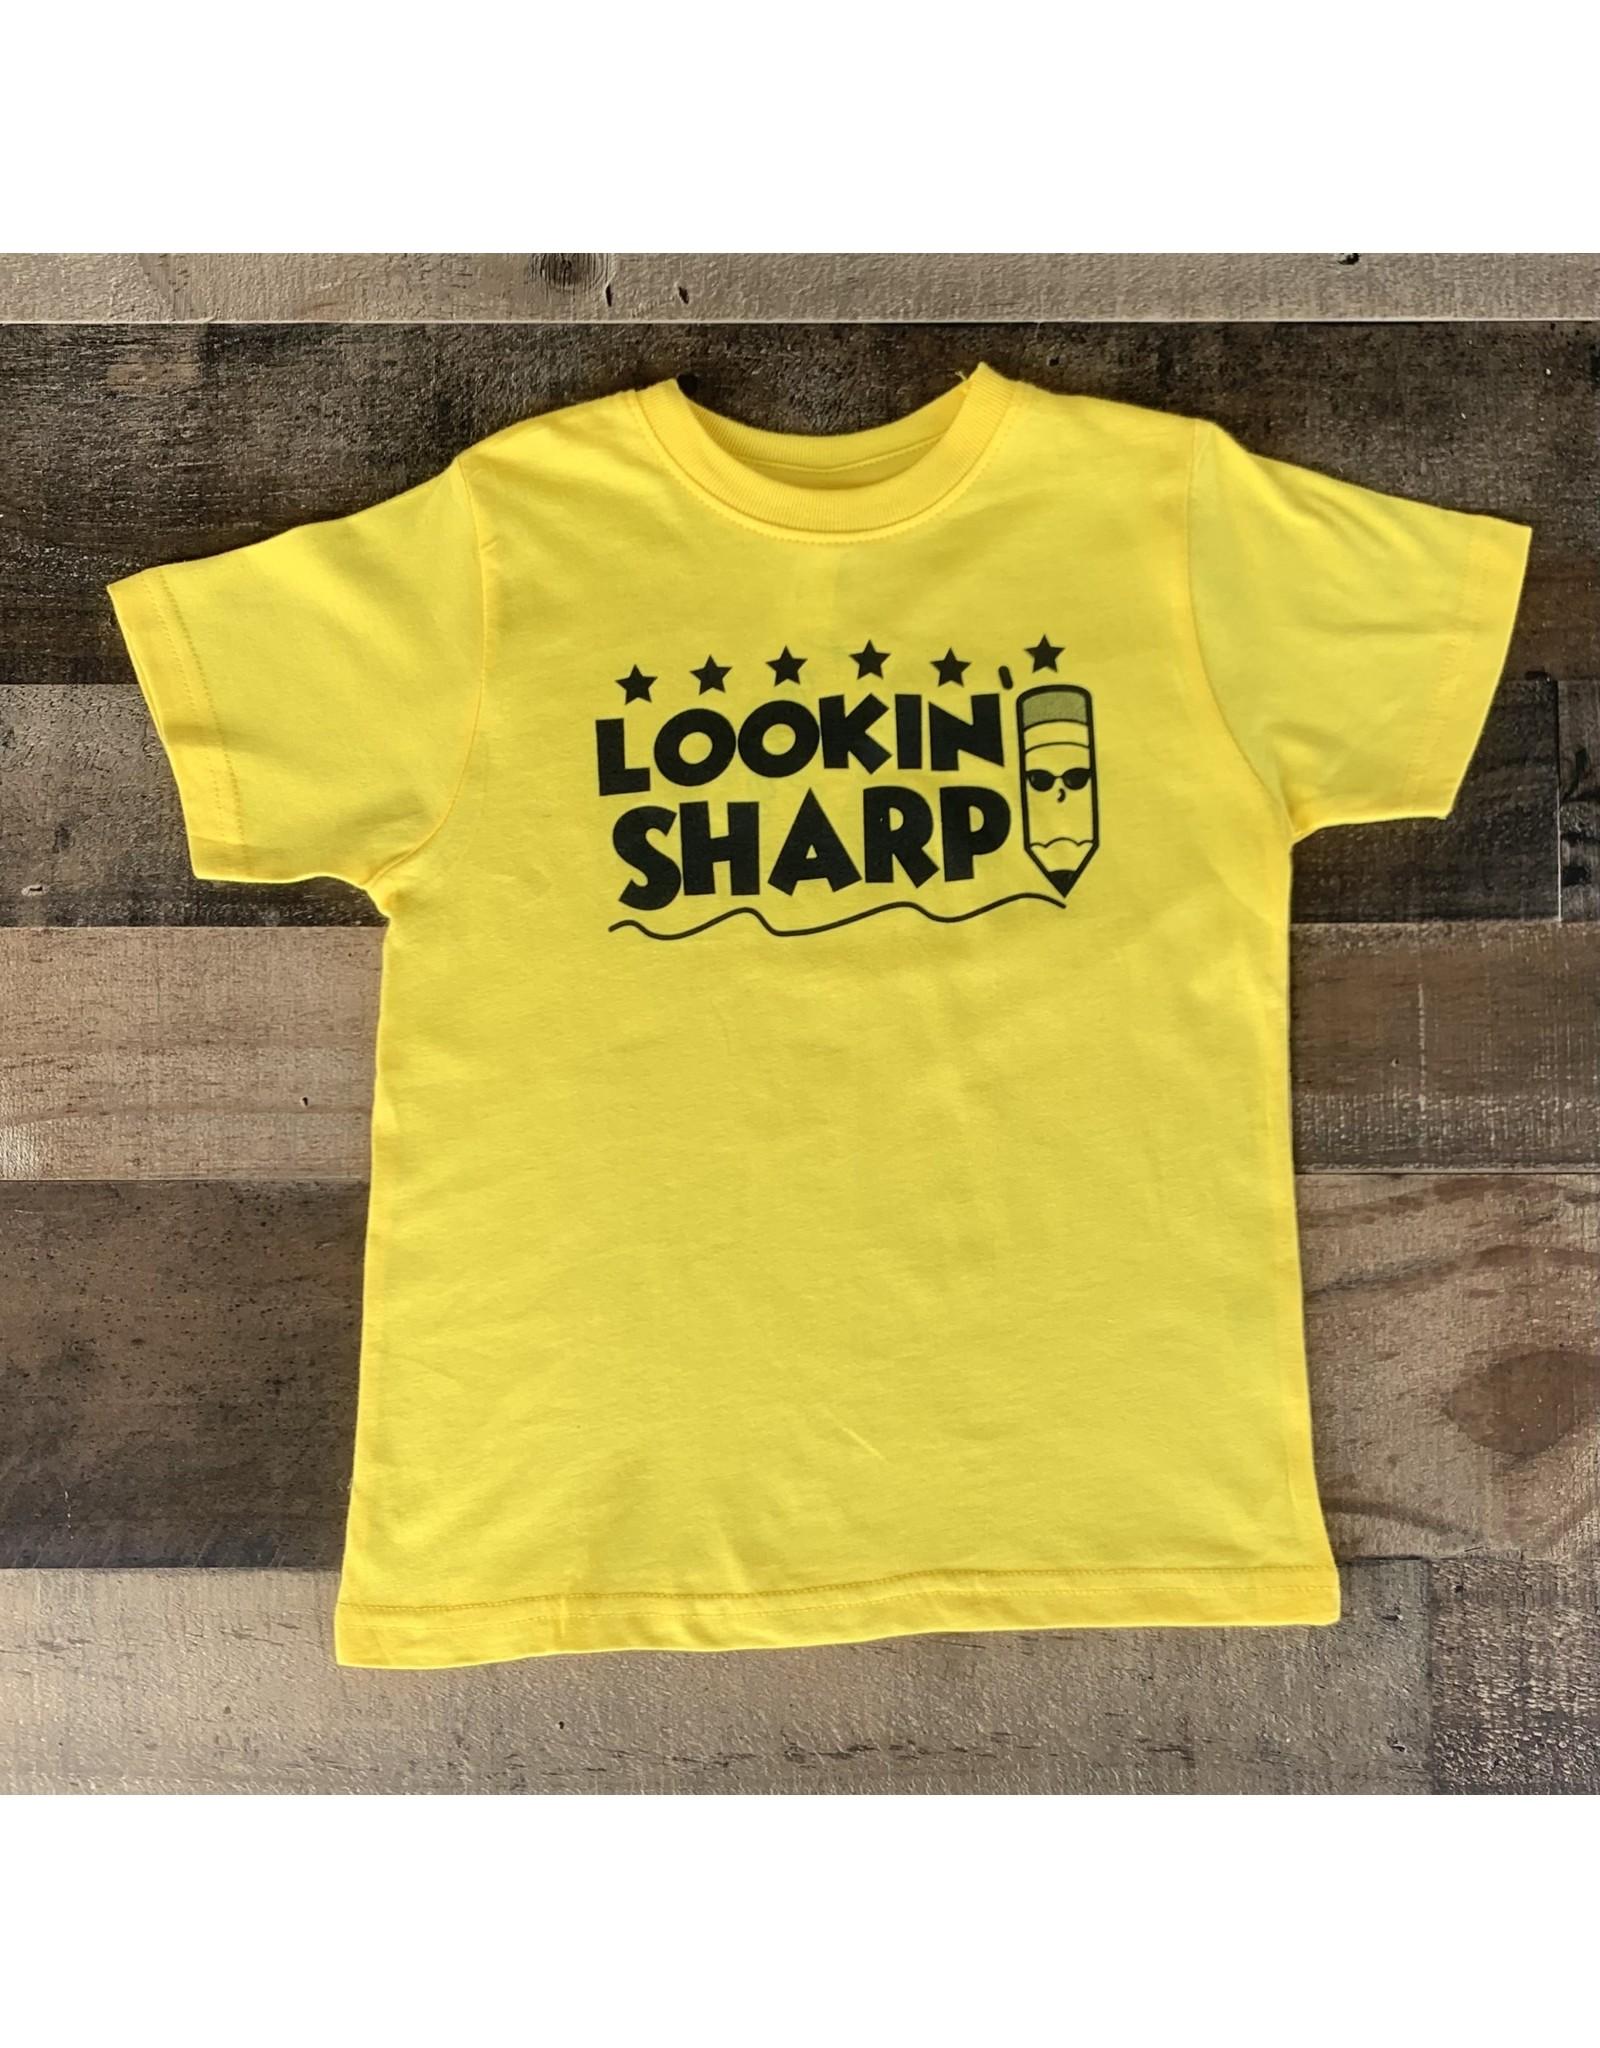 Lookin' Sharp Tee: Yellow